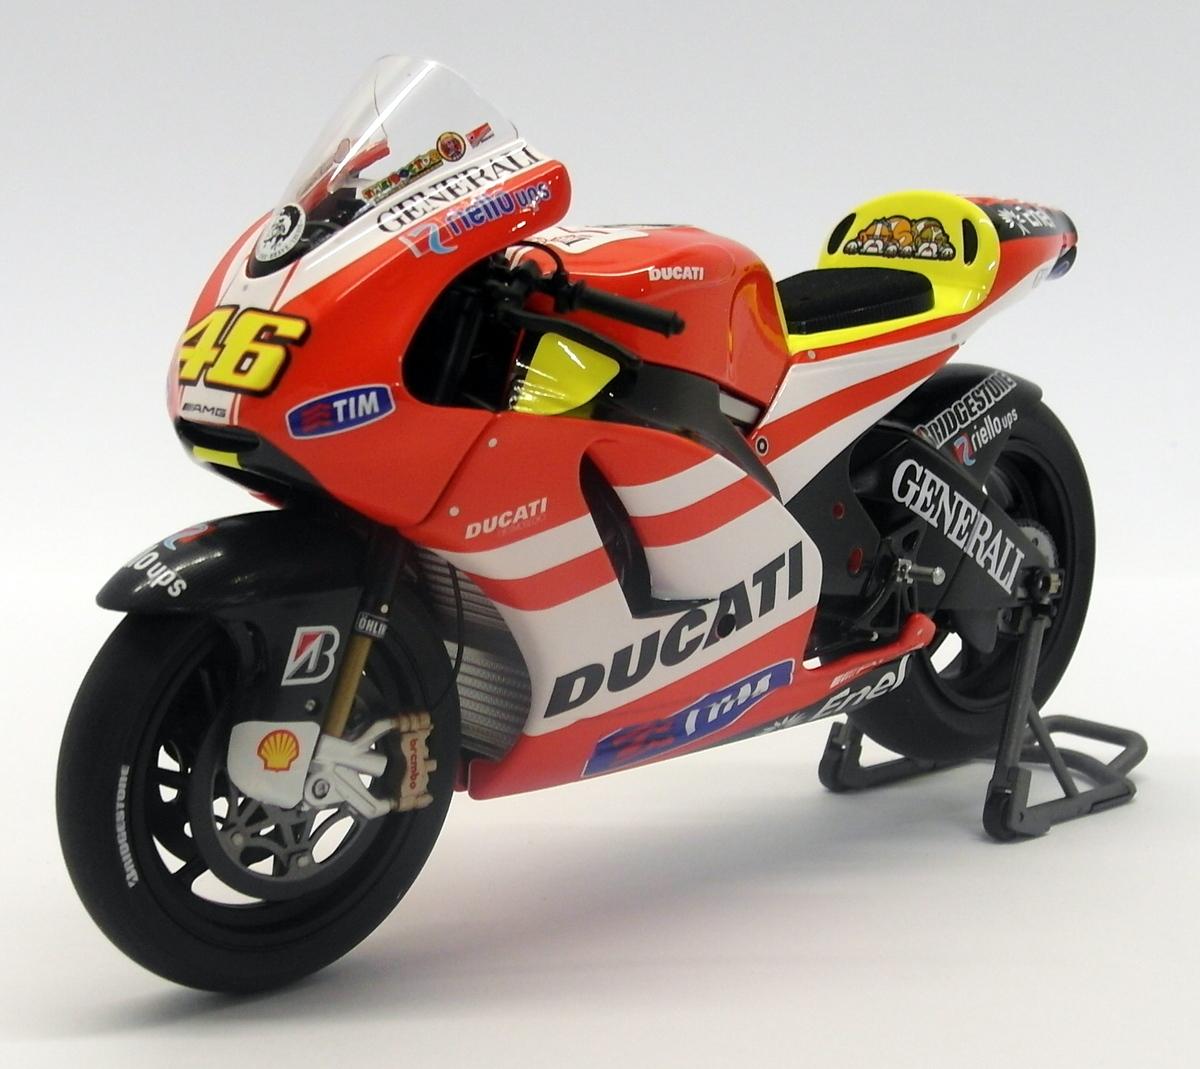 Minichamps 122 100146 Ducati Desmosedici Model Show Bike V Rossi 2011 ltd 1:12th